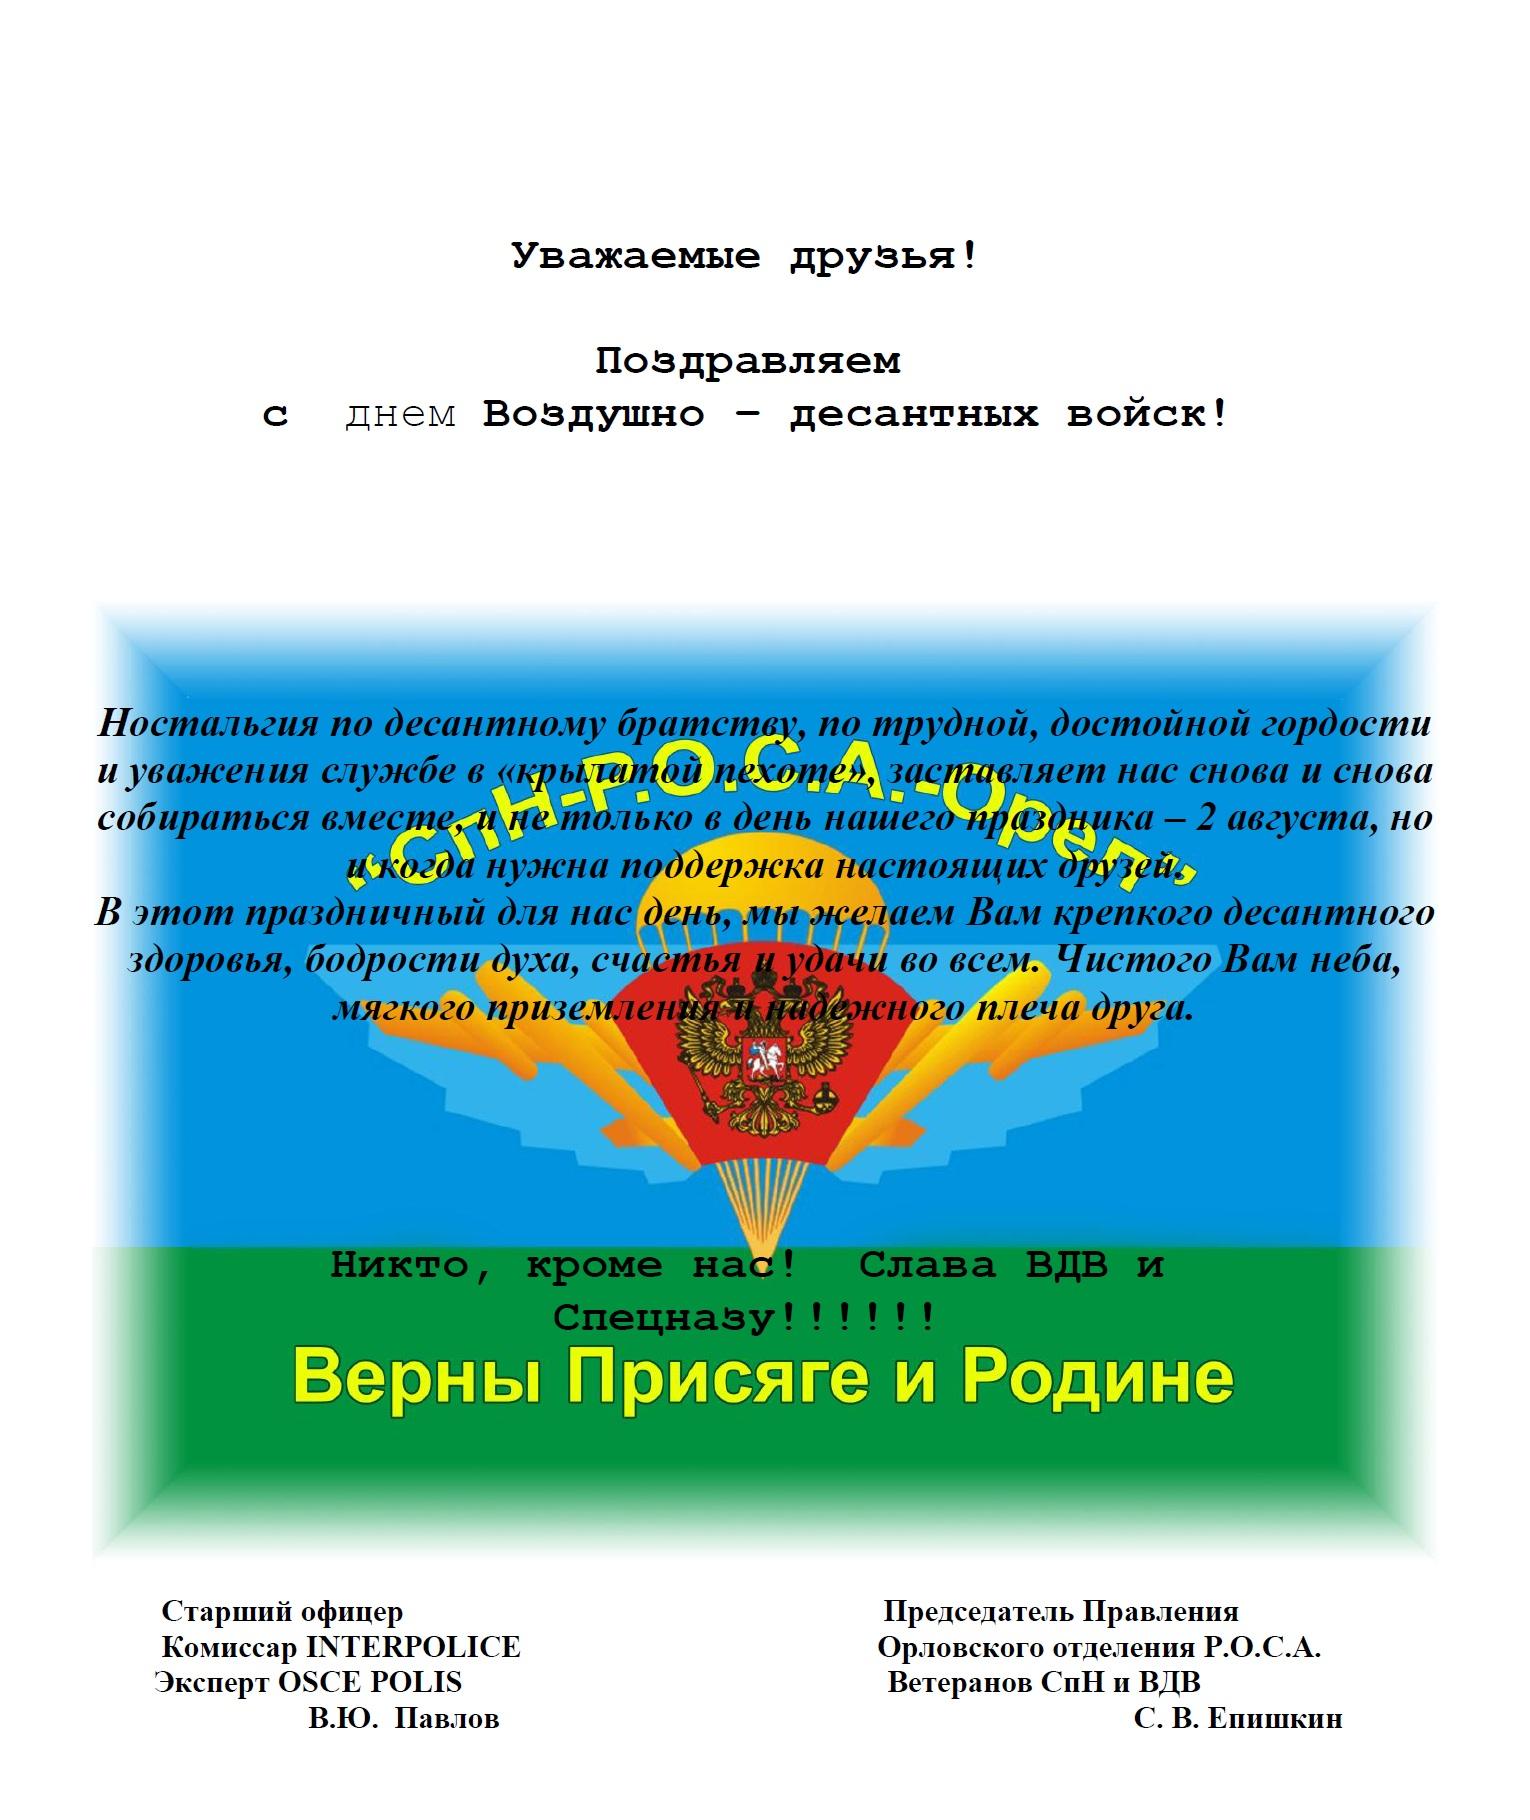 23 новогодних подарка дешевле 4 тысяч рублей The Village 74